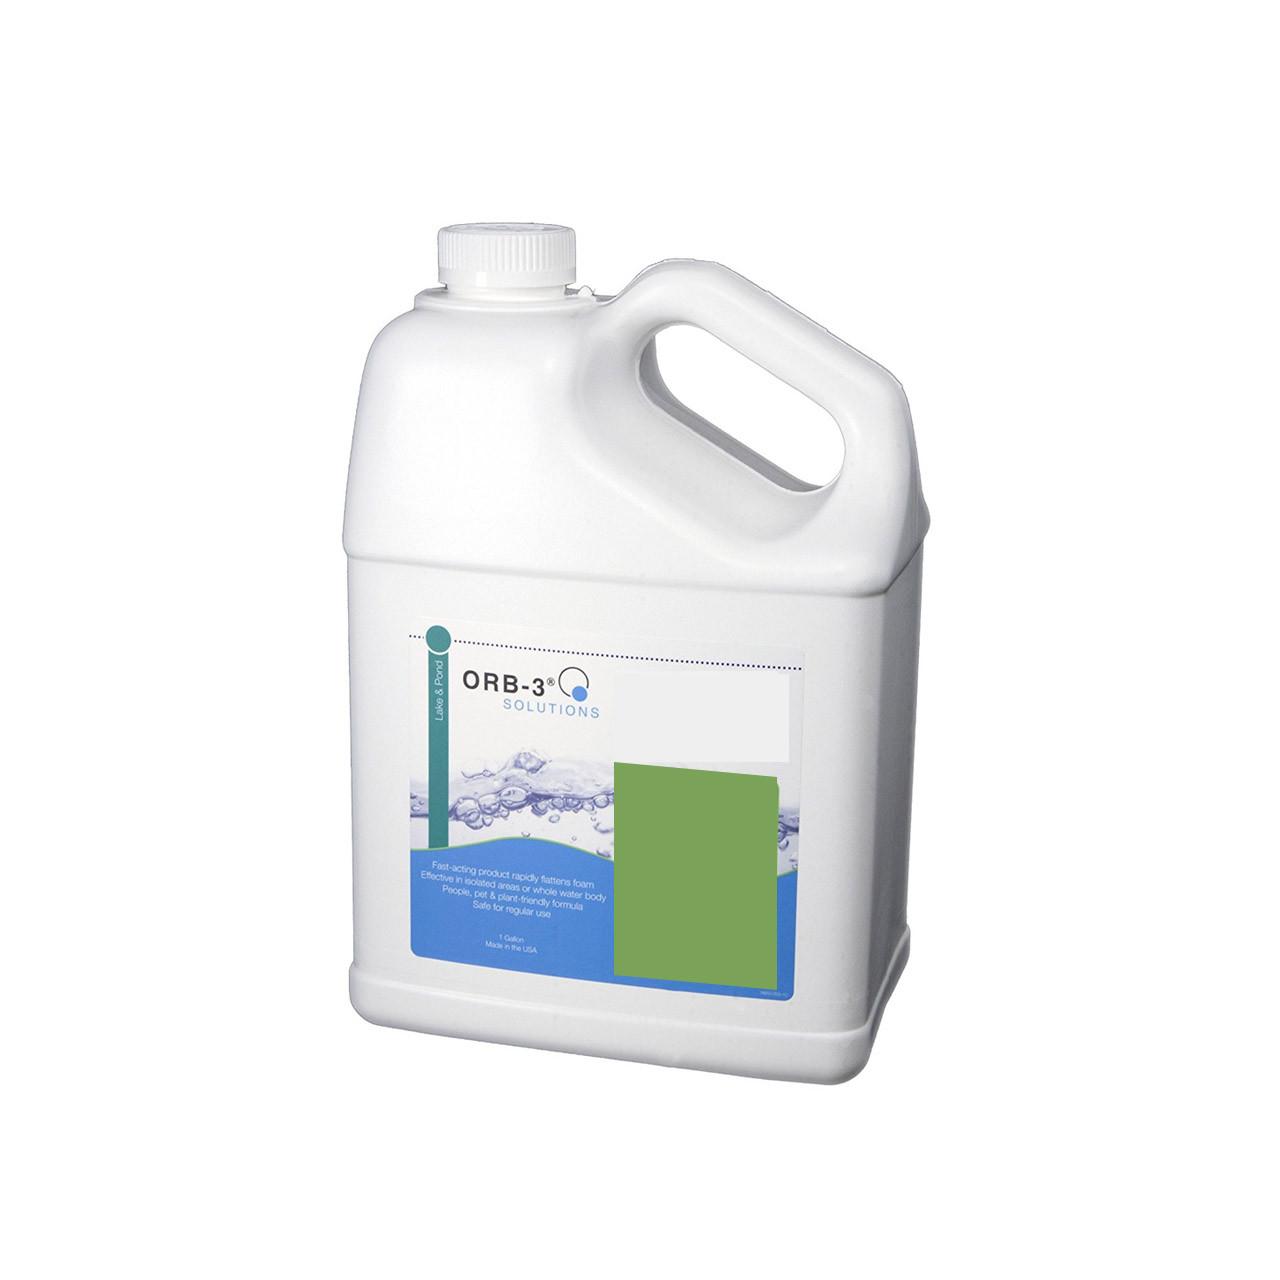 Aminoácido líquido ultraconcentrado para agua potable o alimento seco Orb-3 de Great Lakes Biosystems